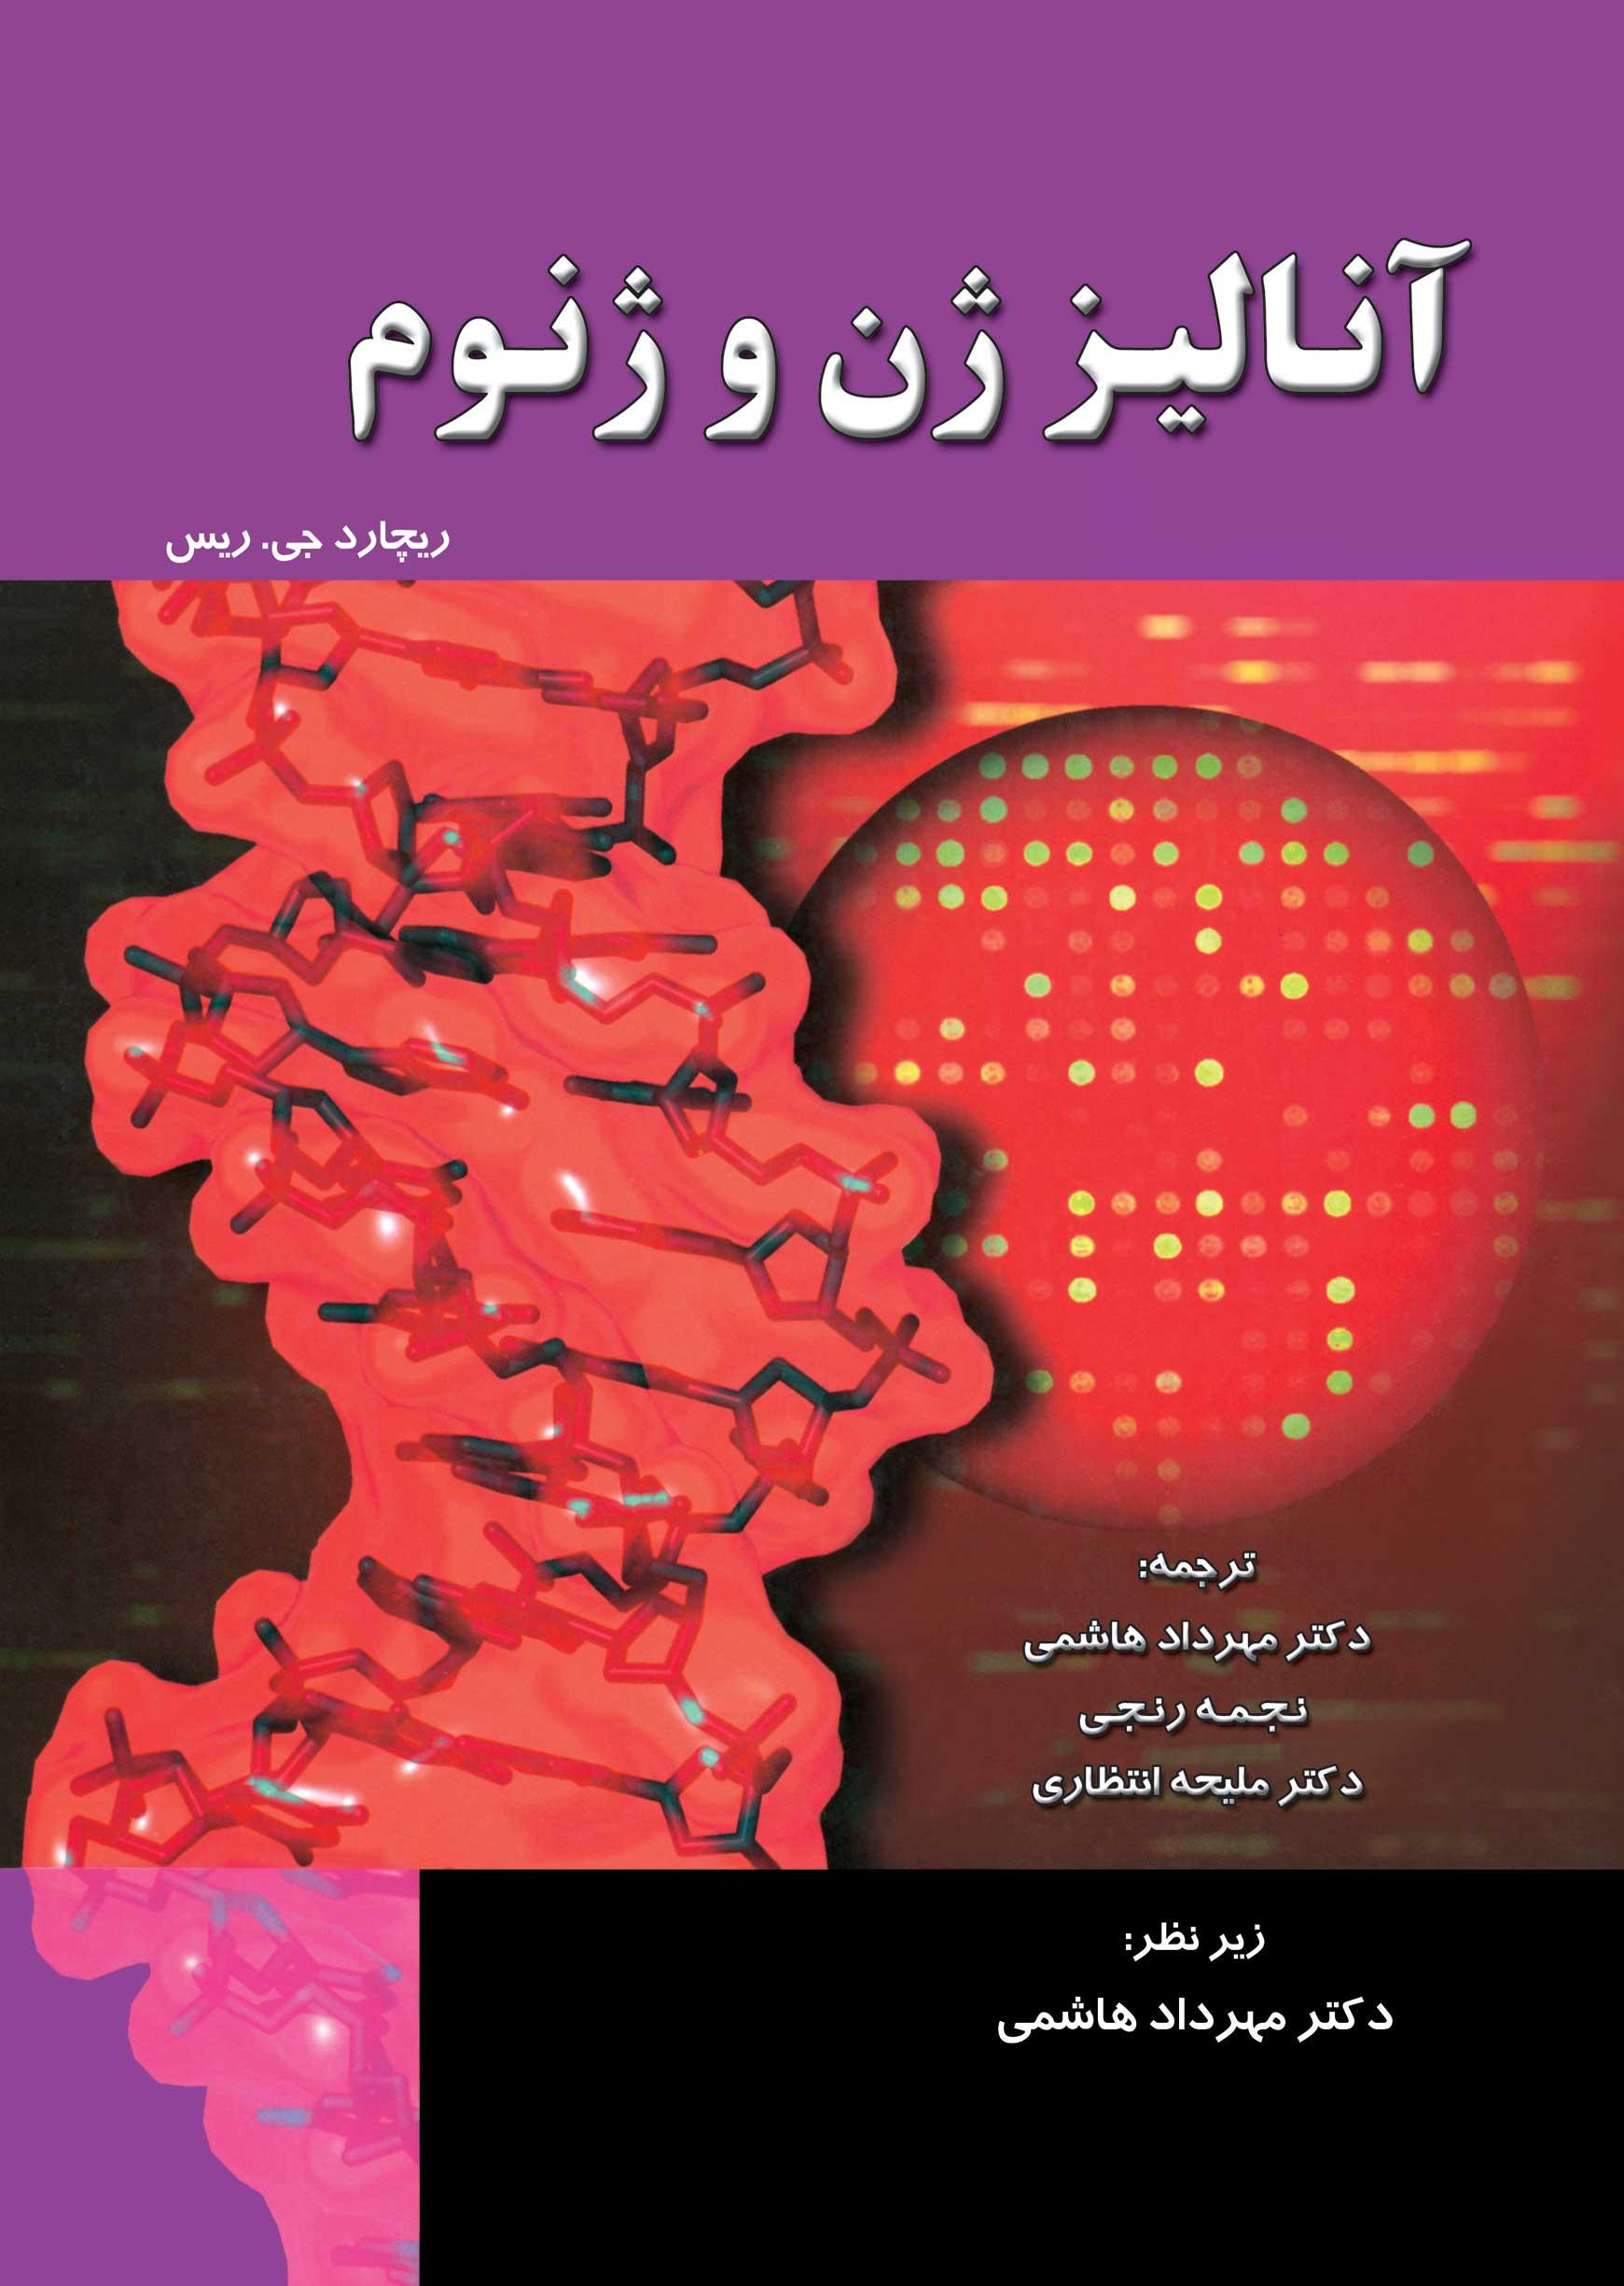 آنالیز ژن وژنوم خانه زیست شناسی